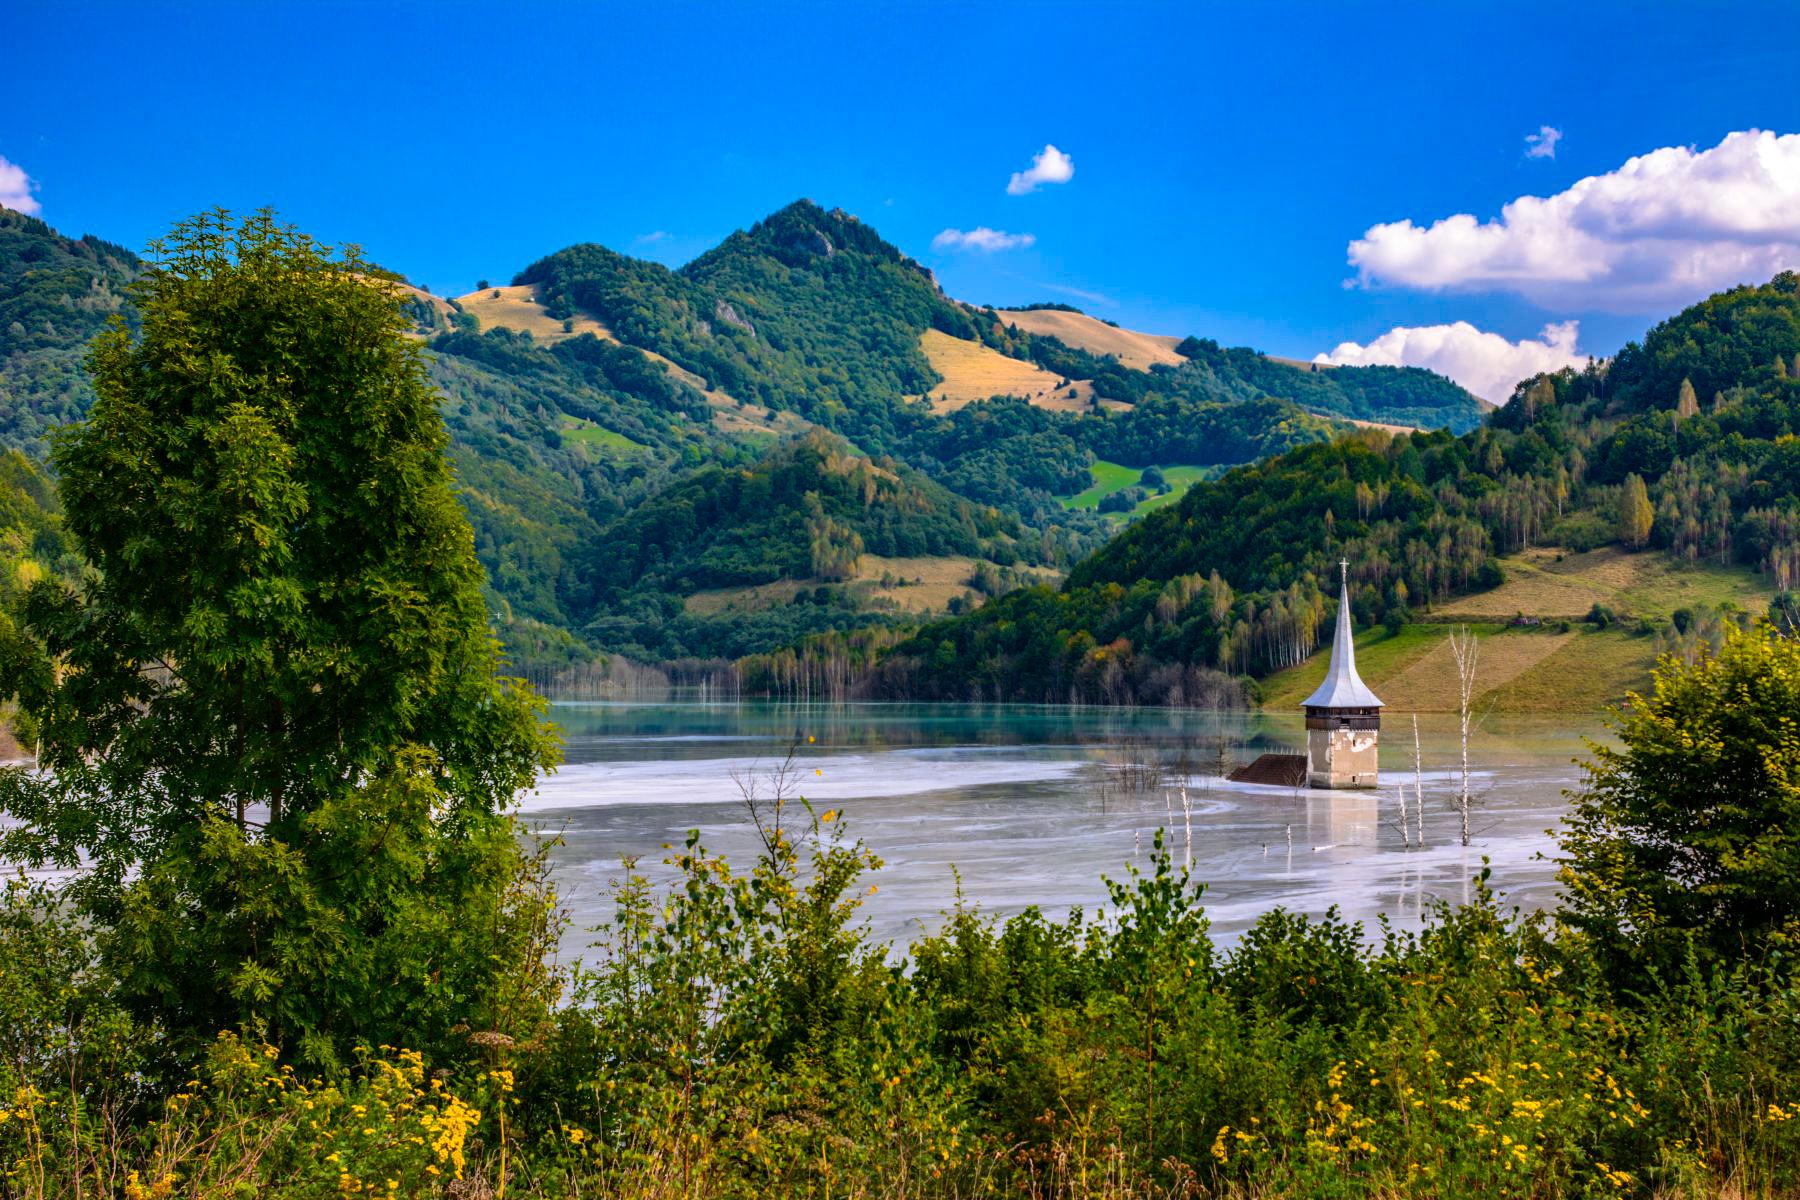 locuri neobișnuite de vizitat în românia